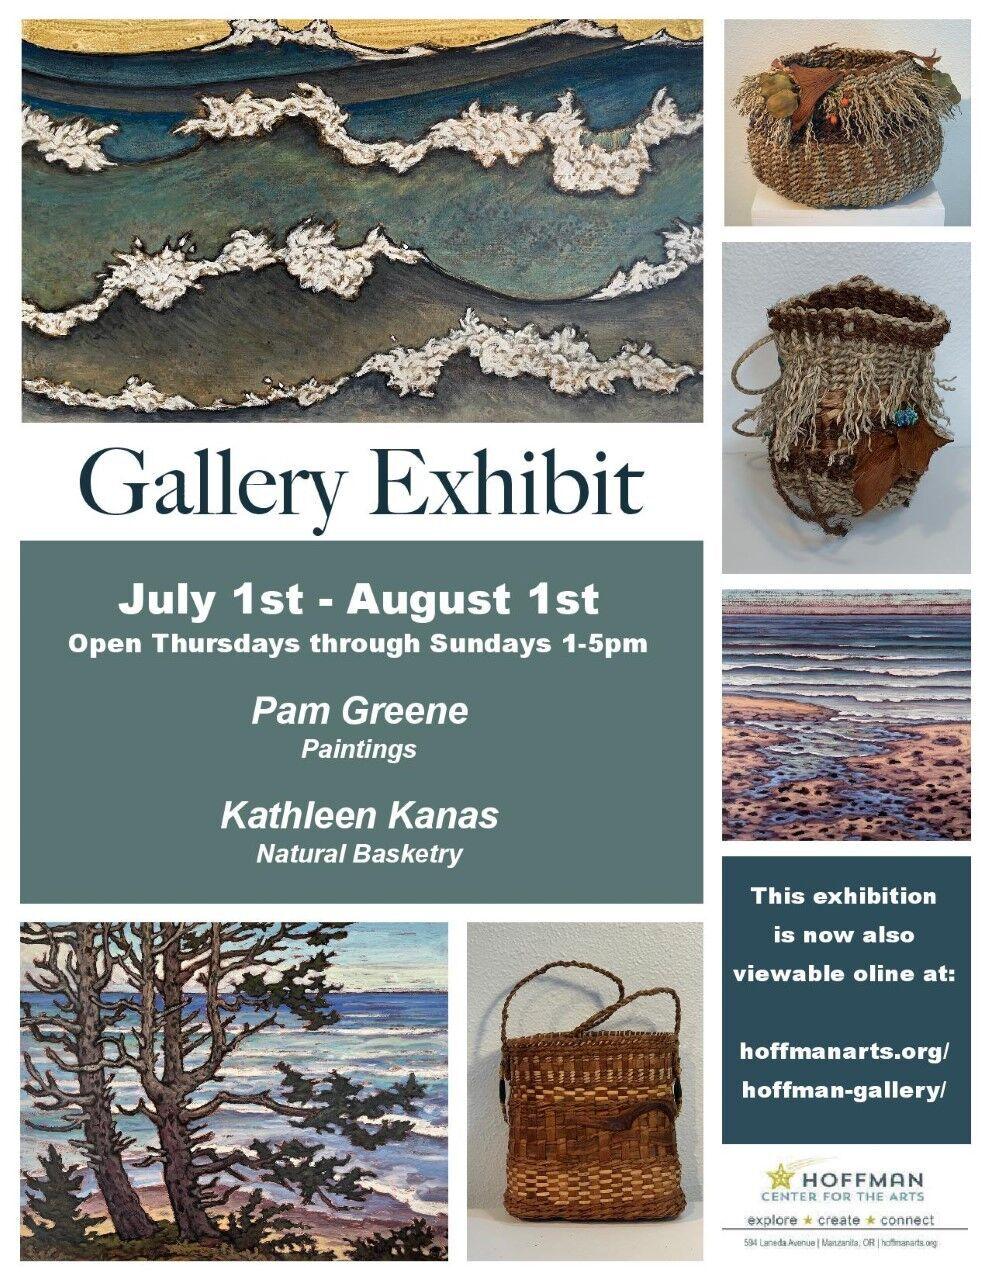 Hoffman Gallery show